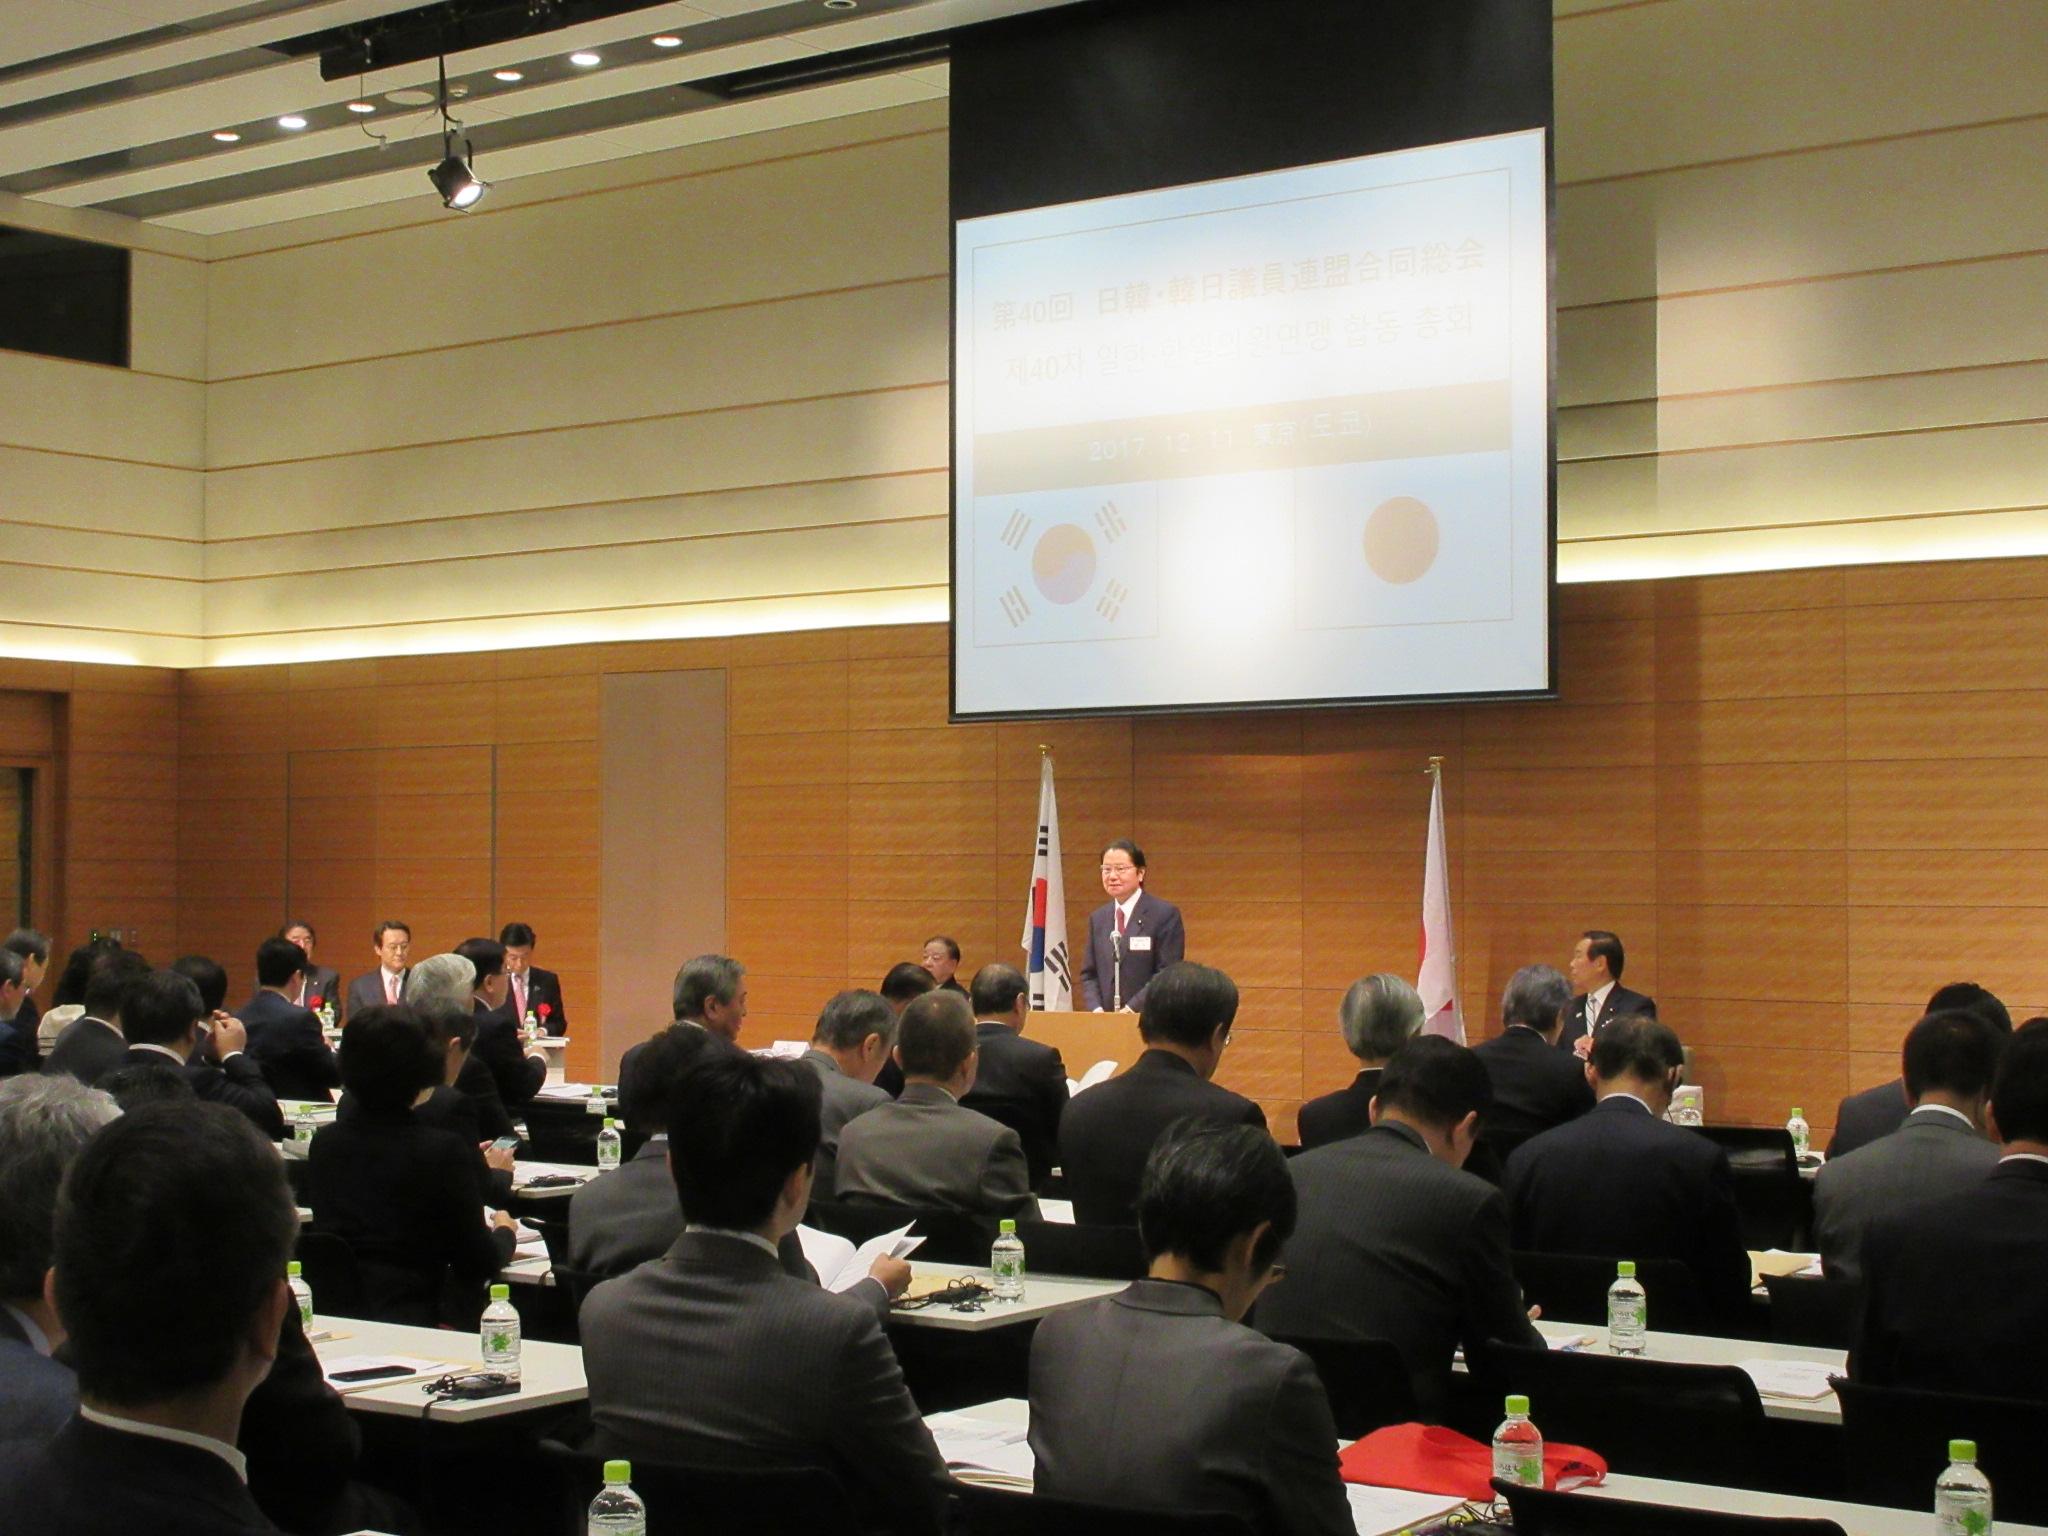 http://www.inoue-satoshi.com/diary/IMG_2791.JPG